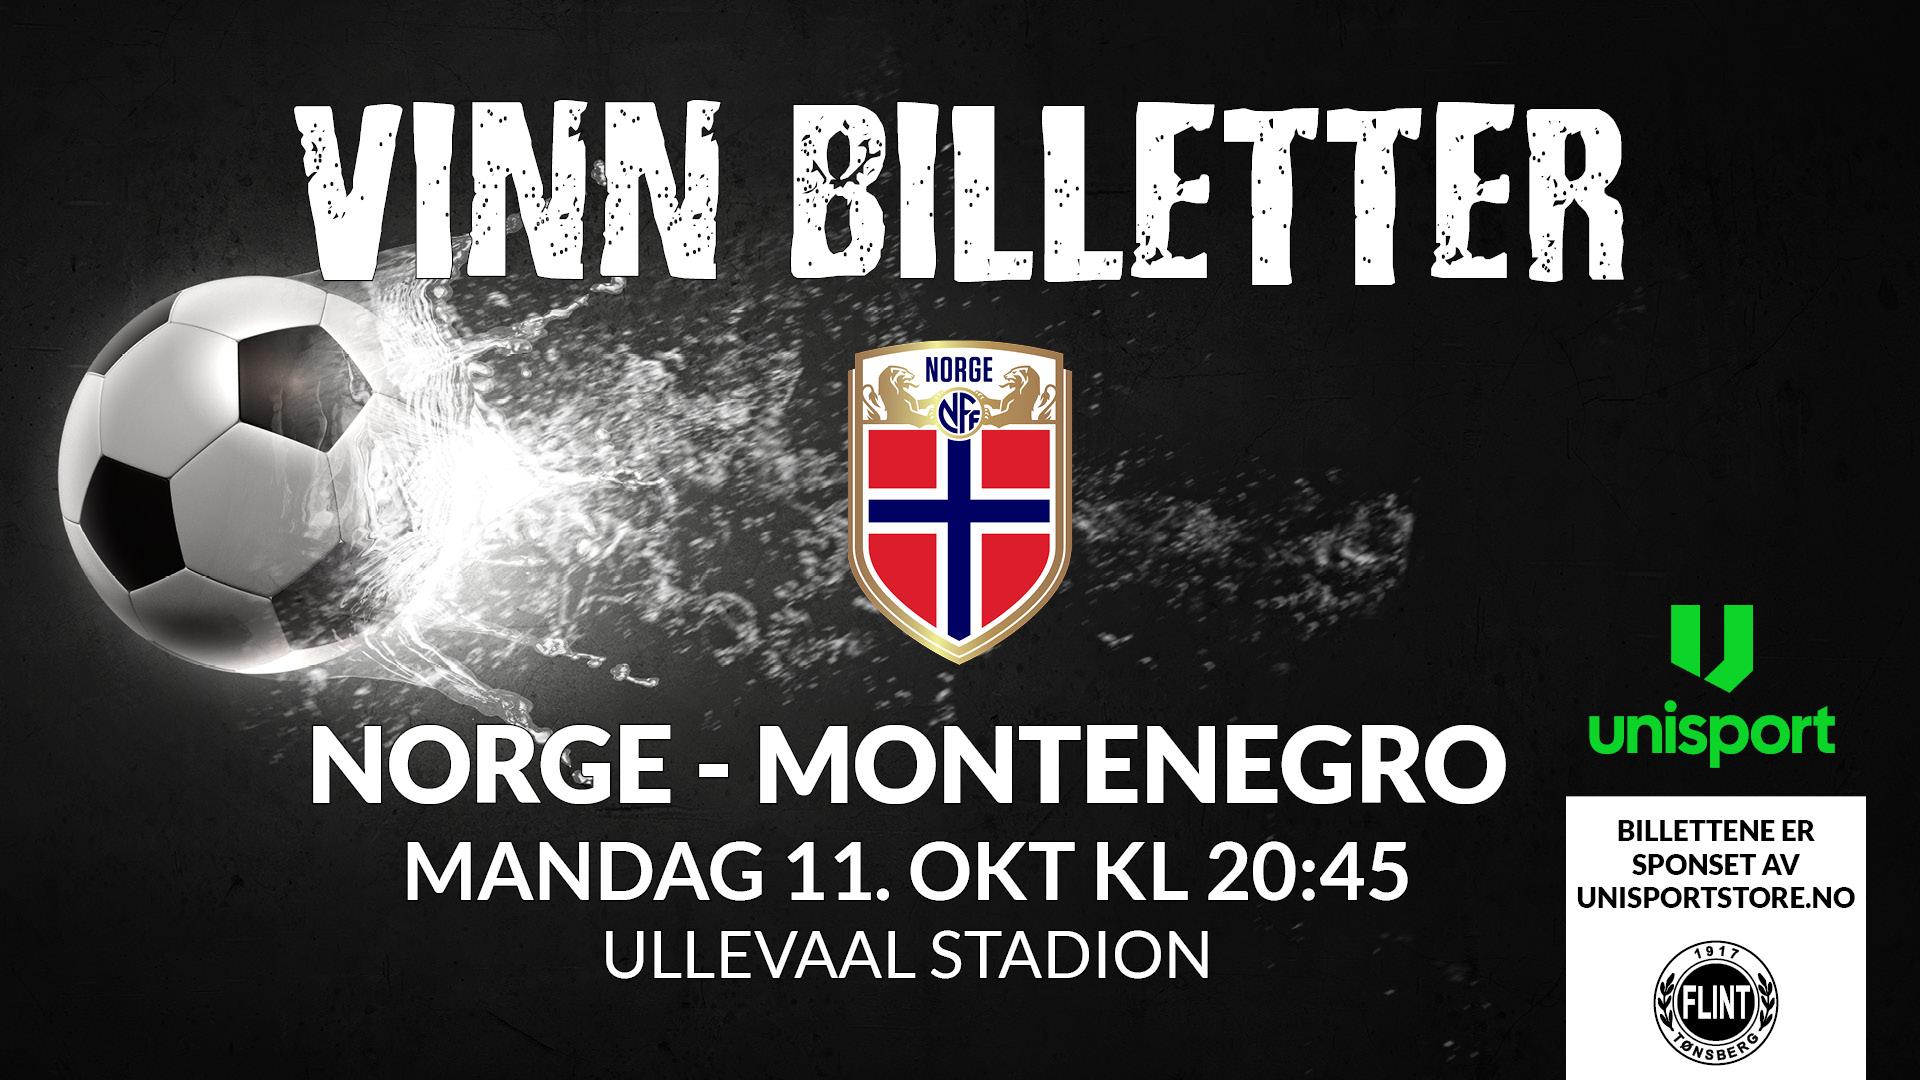 https://www.flintfotball.no/wp-content/uploads/2021/10/Vinn-billetter-til-landskamp-Norge-Montenegro-2021-header-nettside.jpg